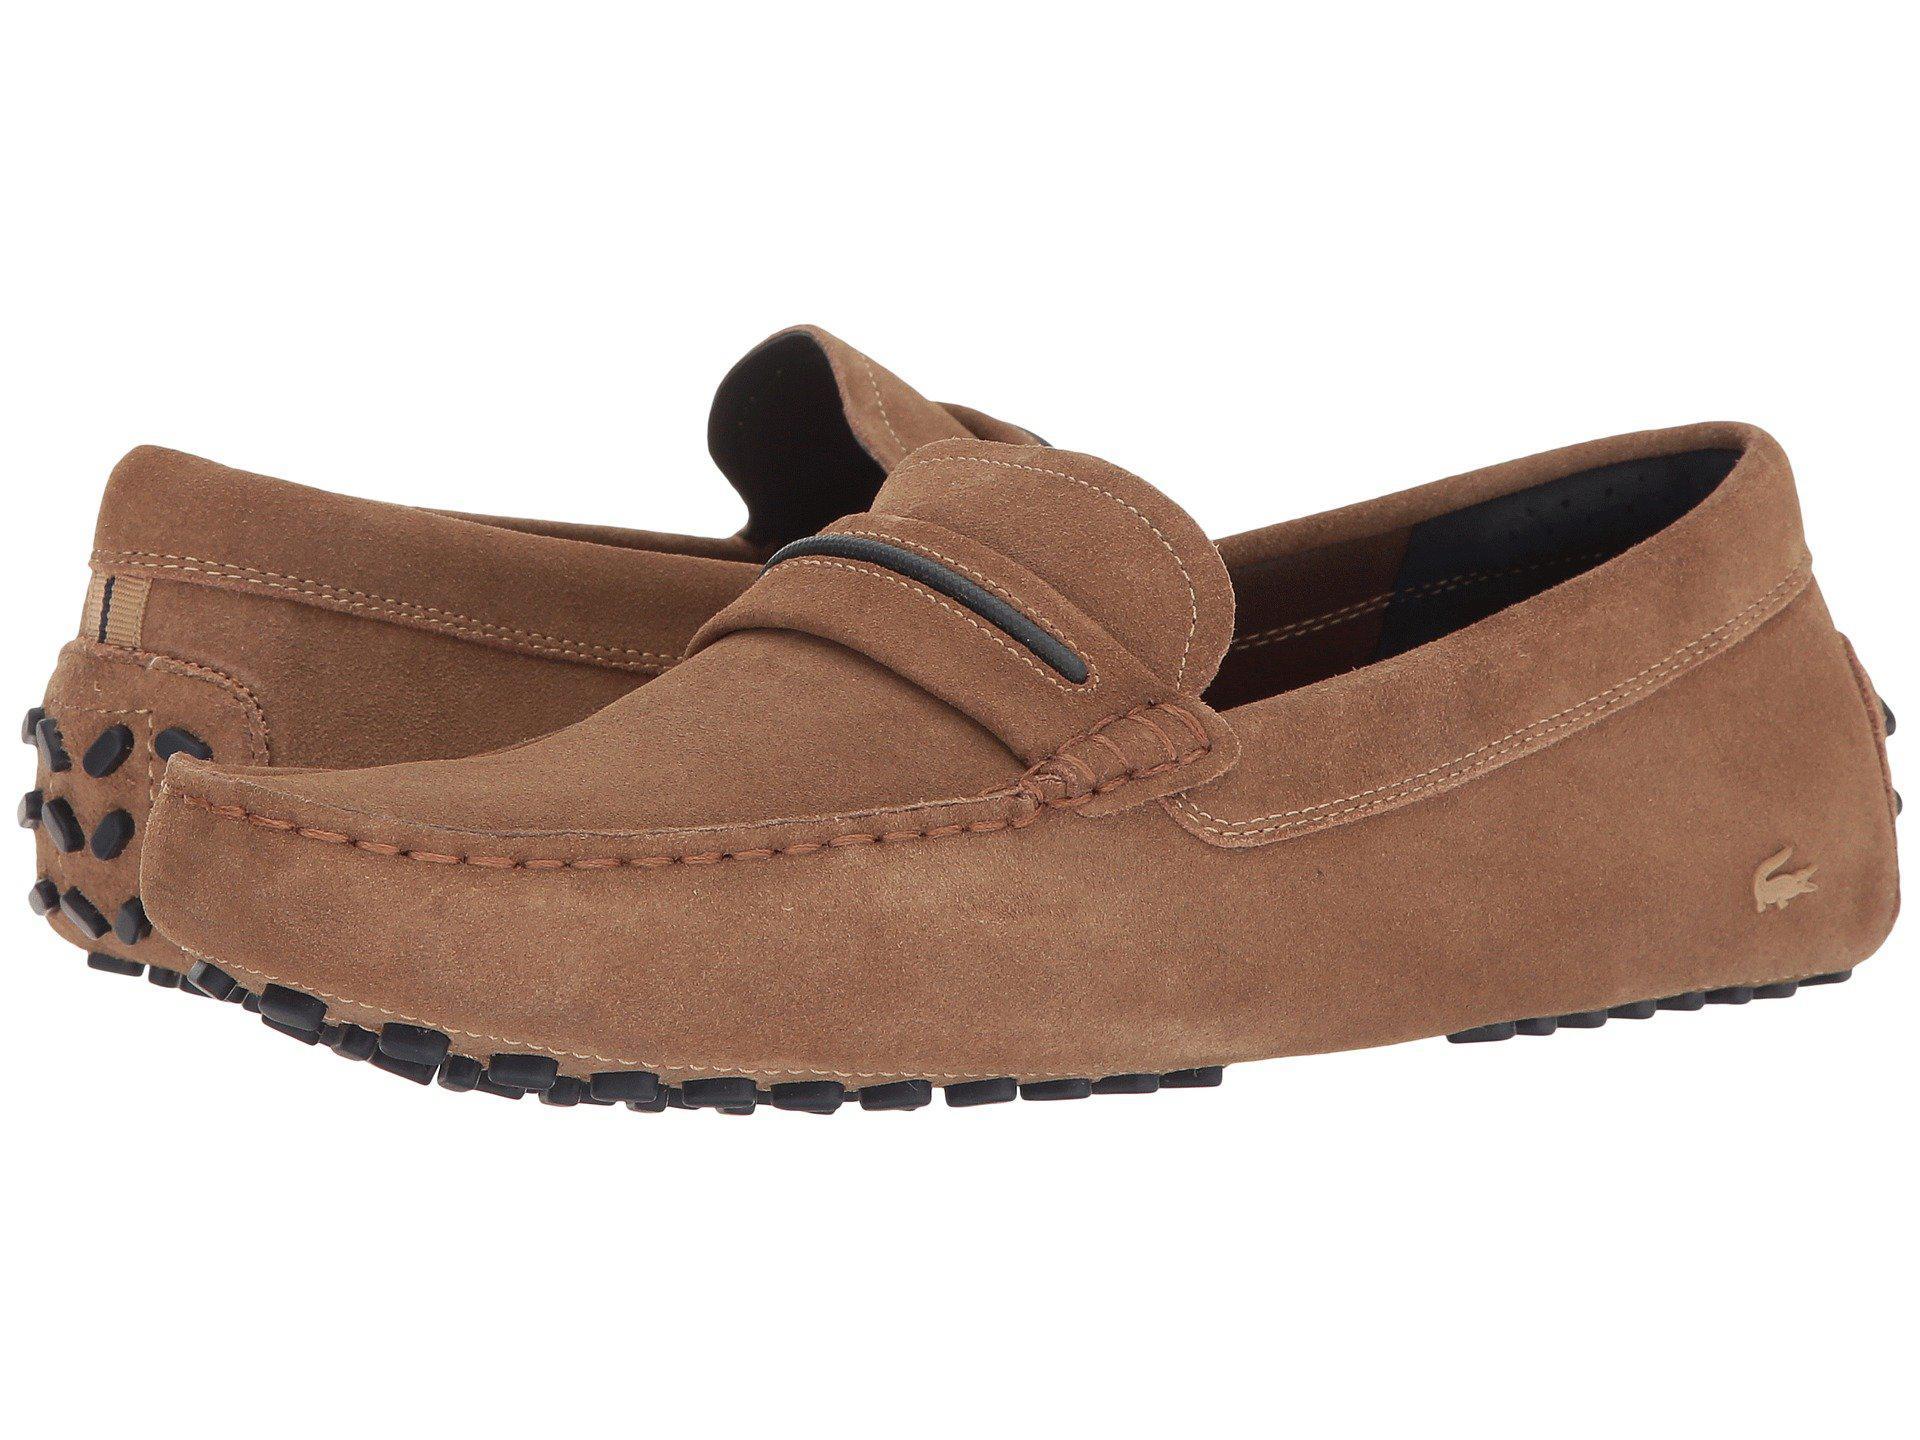 6775786769247 Lyst - Lacoste Herron 117 1 Formal Shoe Fashion Sneaker in Brown for Men